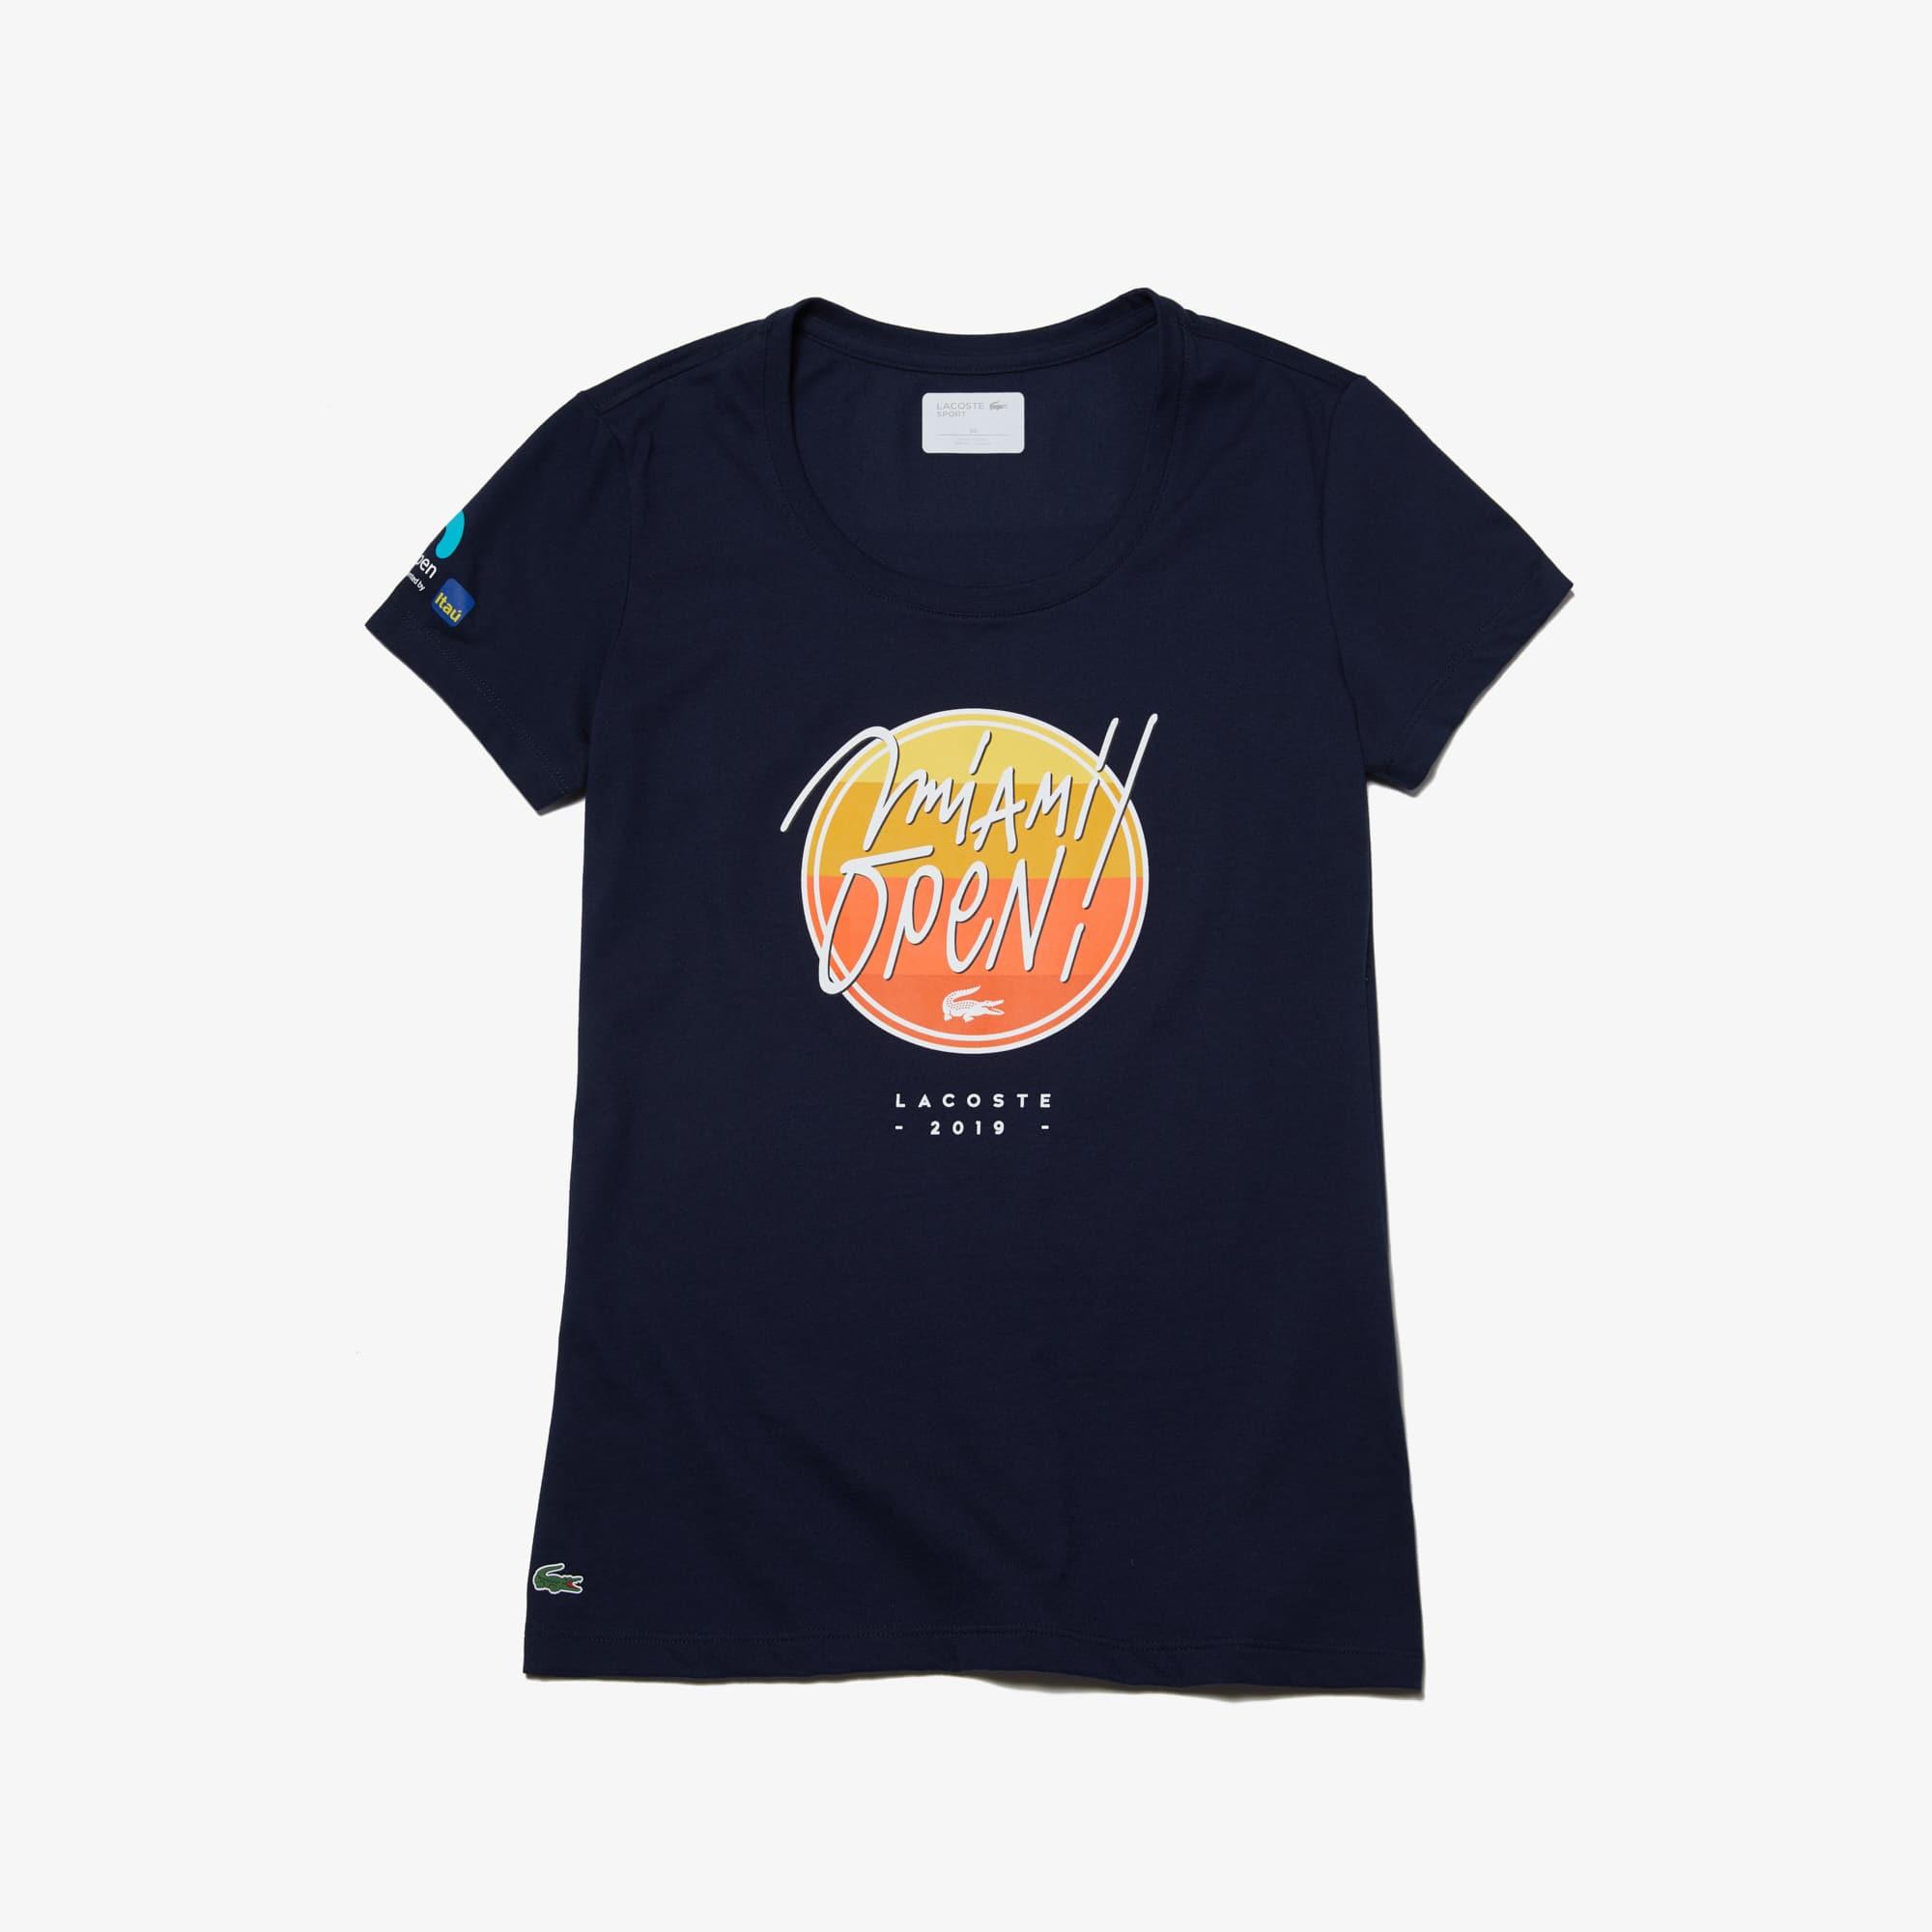 라코스테 우먼 스포츠 테니스 반팔 티셔츠, 마이애미 오픈 에디션 Lacoste Womens SPORT Miami Open Edition T-shirt,Navy Blue